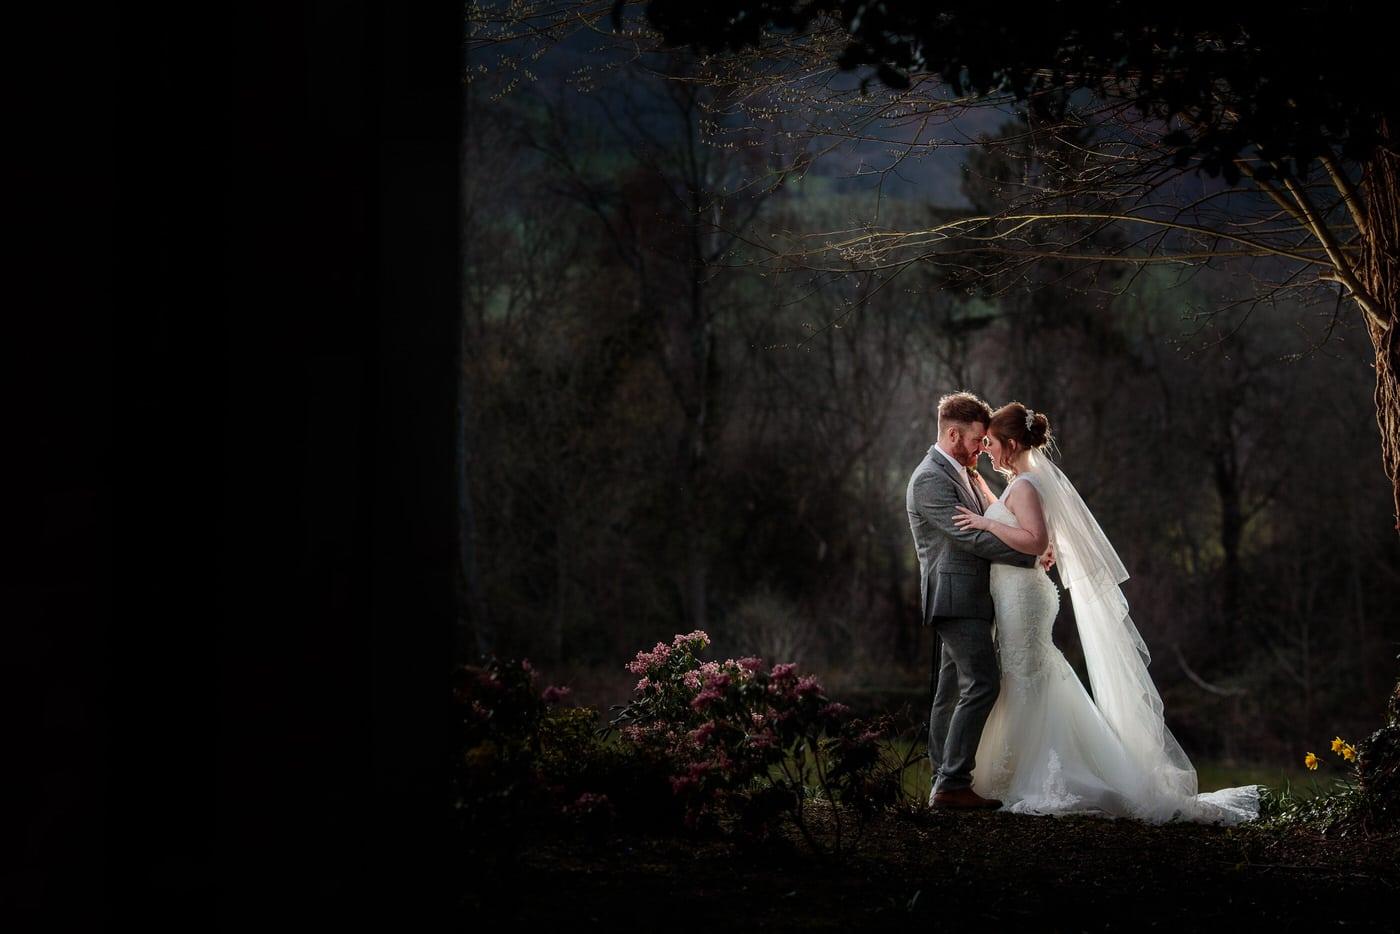 Tyn+Dwr+Hall+Wedding with bride and groom